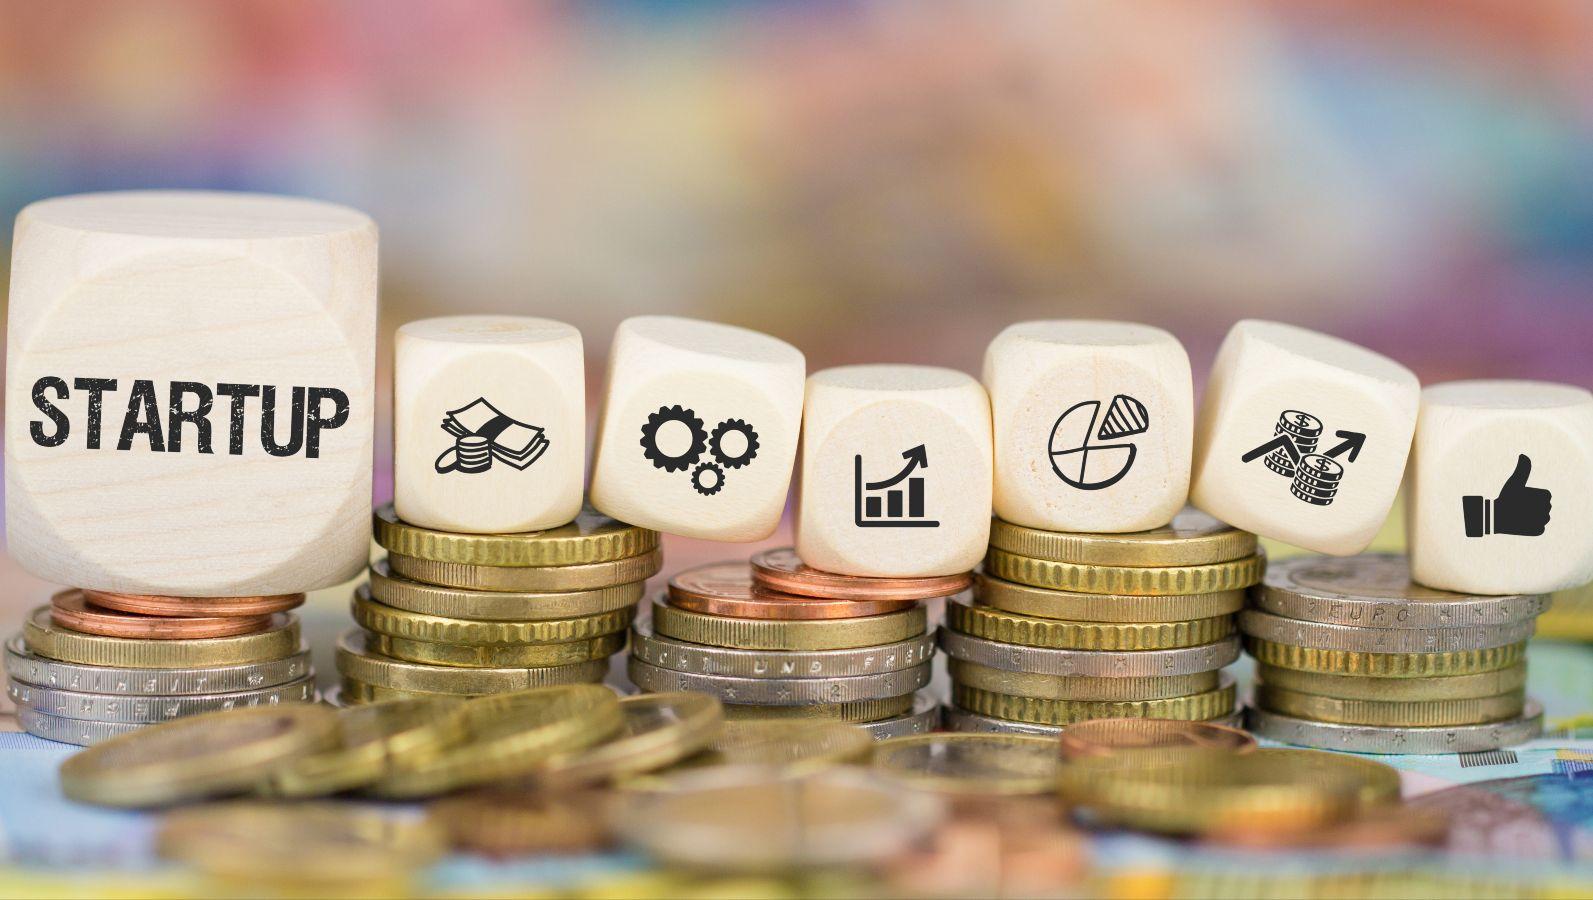 Startup Symbole auf Würfeln